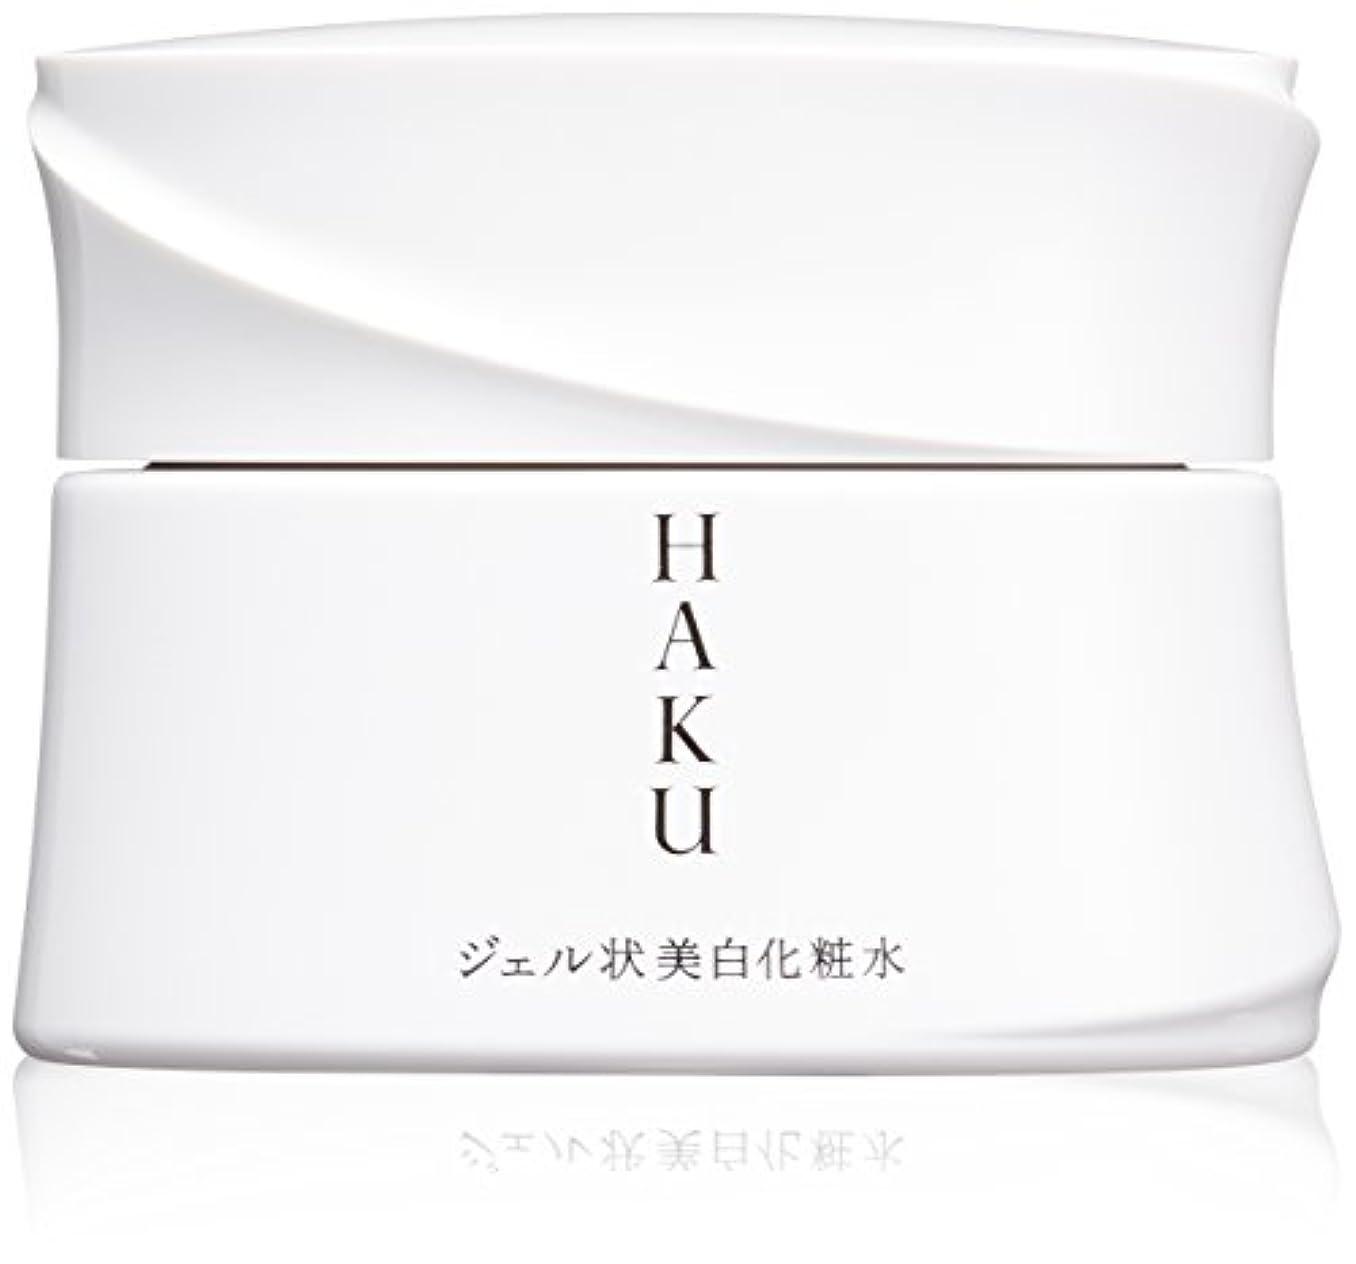 人種未来宣教師HAKU メラノディープモイスチャー 美白化粧水 100g 【医薬部外品】